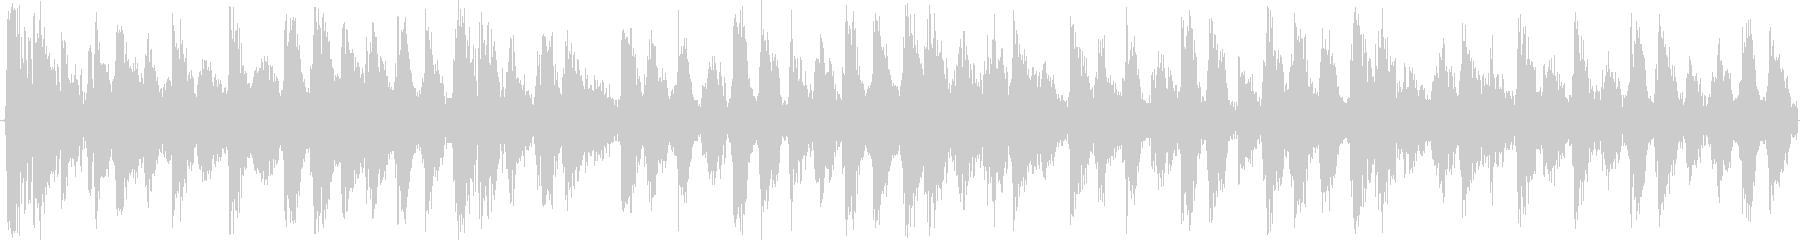 打楽器が特徴のミステリアスな民族風テクノの未再生の波形